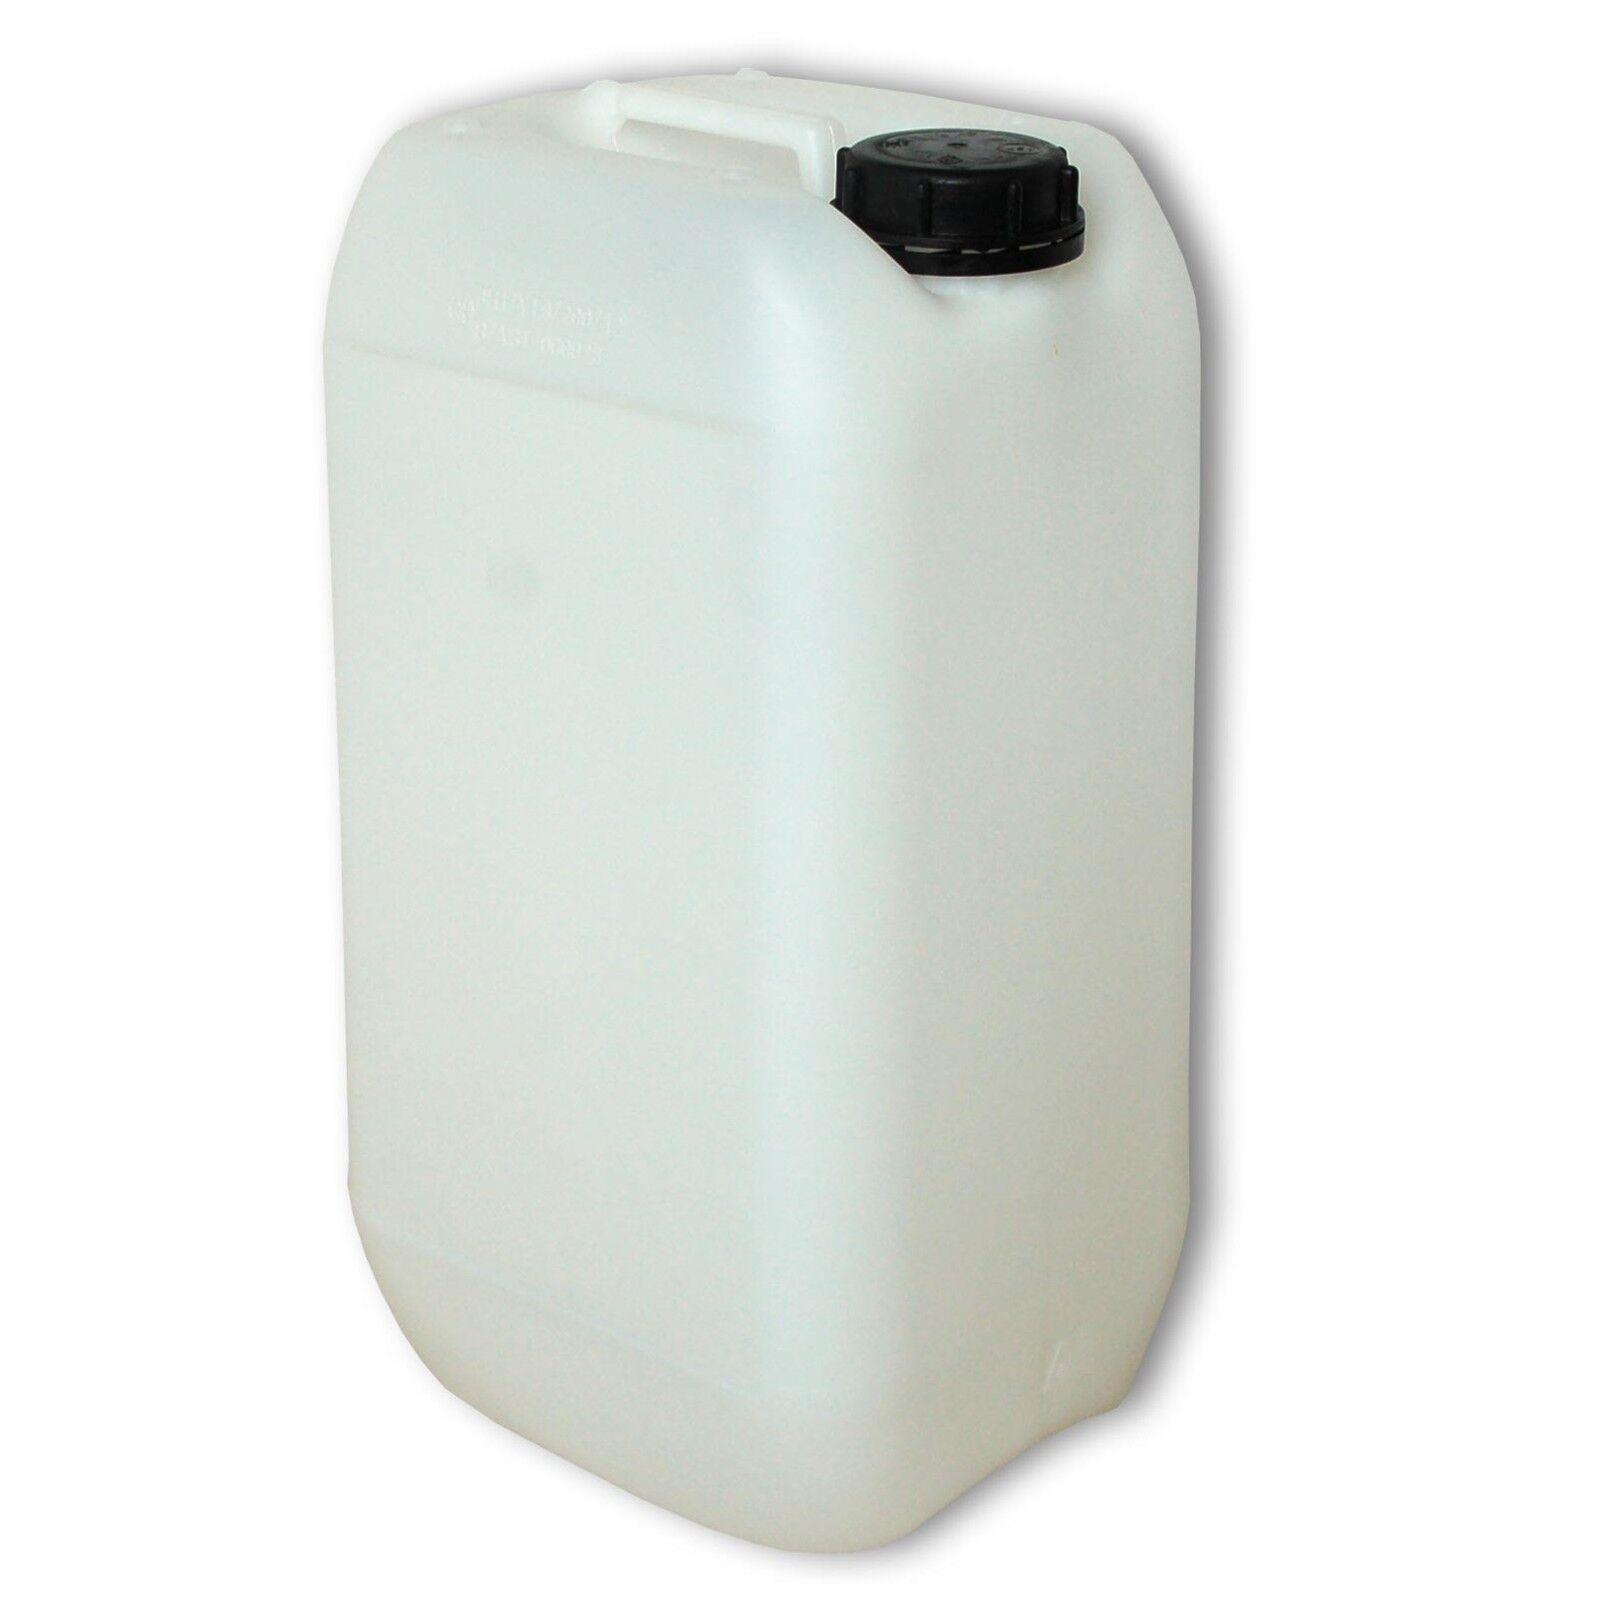 Bidon plastique 15 L, 61 DIN 61 L, naturel HDPE Jerrican fabriqué en Allemagne (22096) 2ef5f9